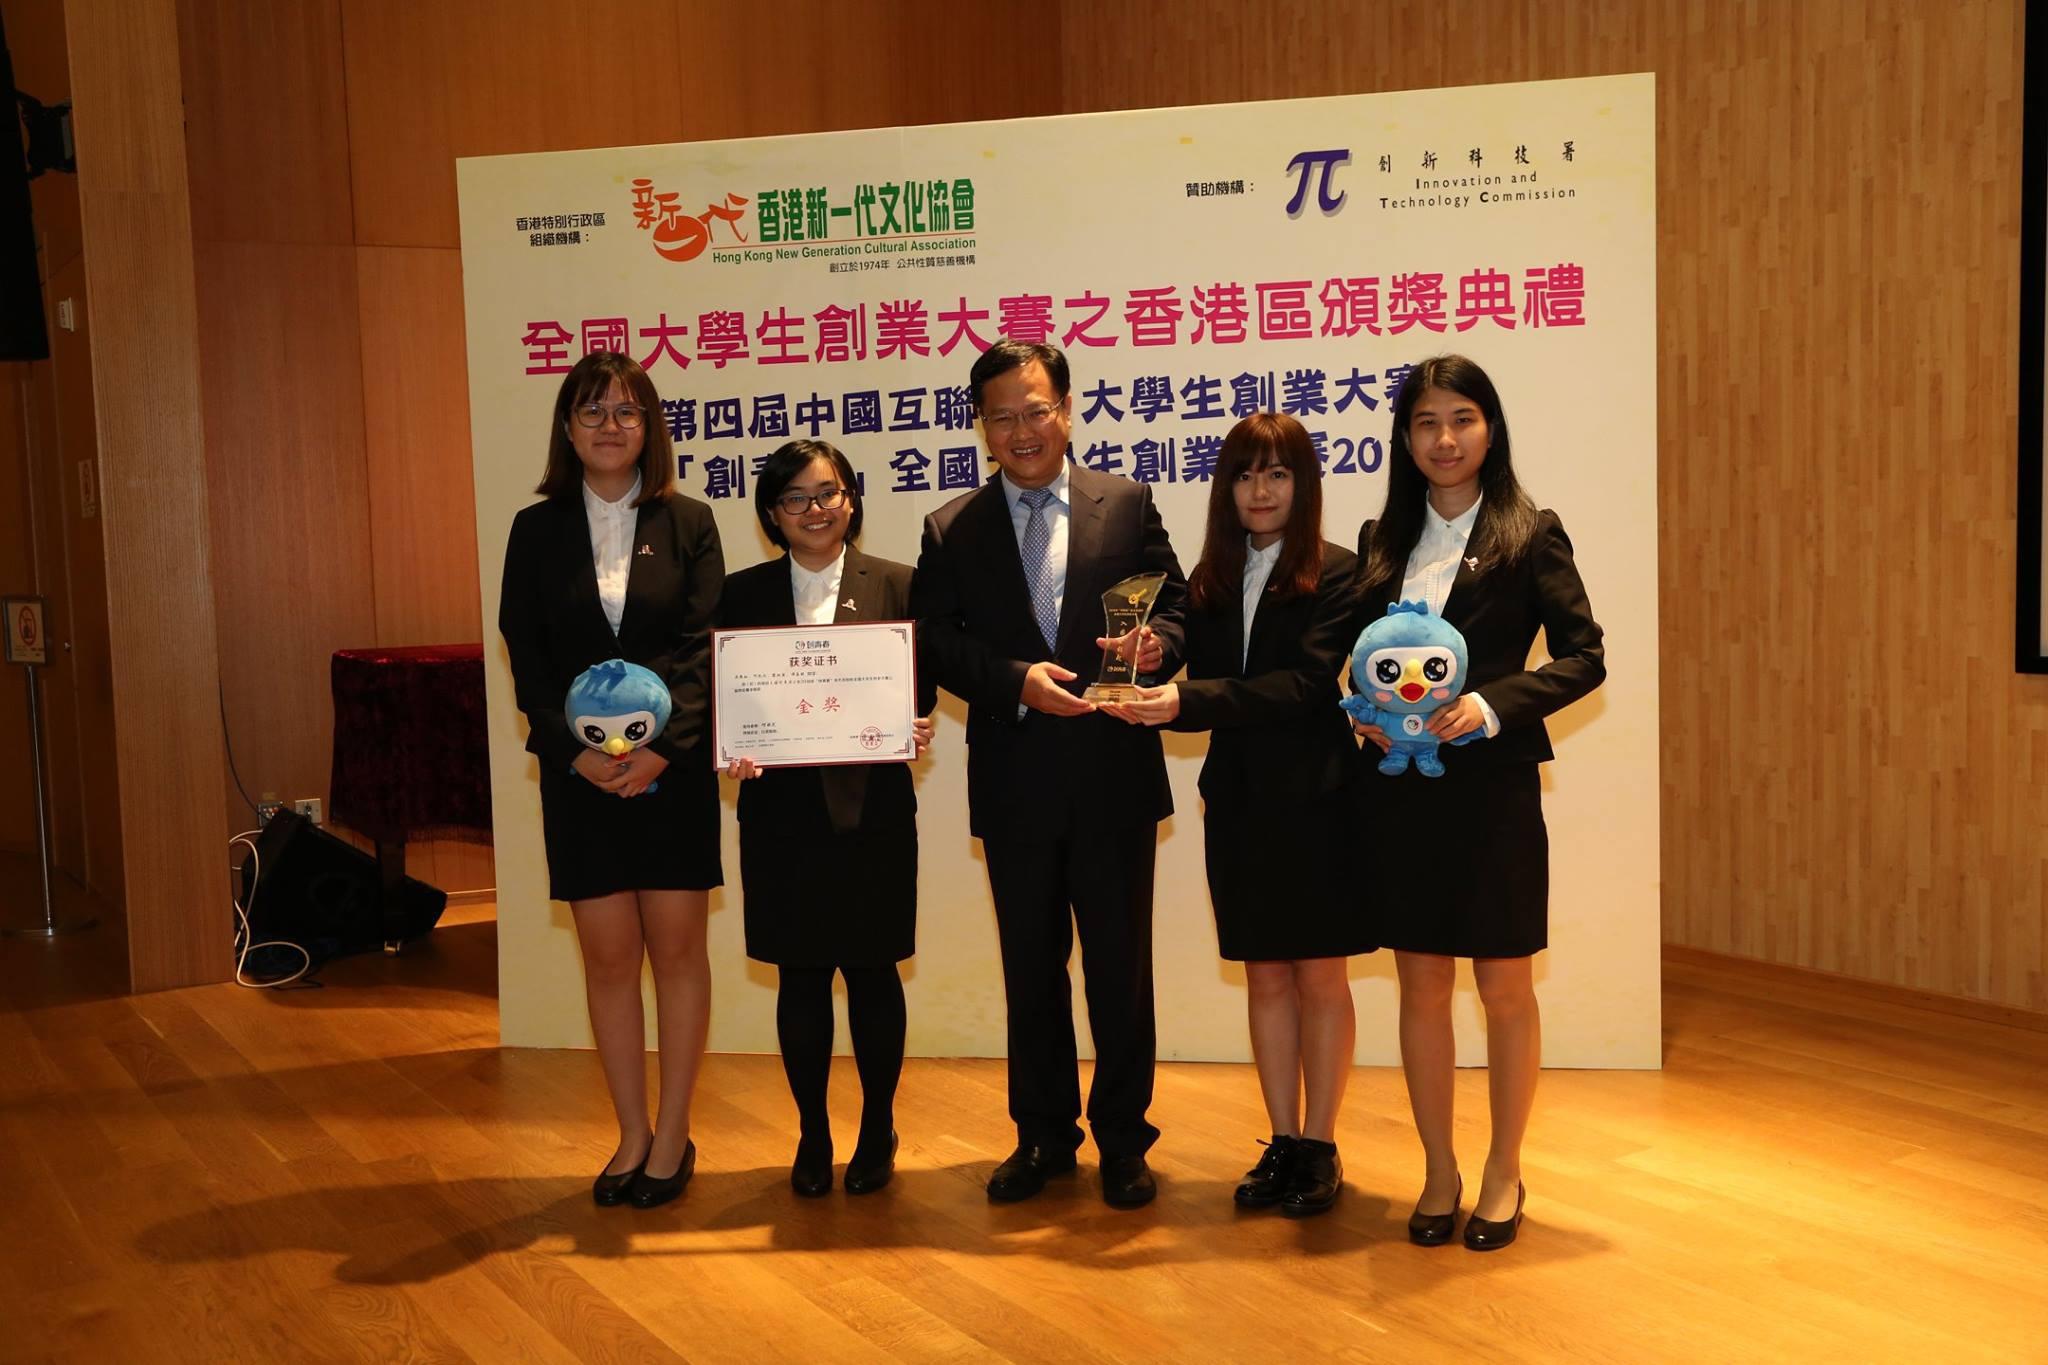 由中大生命科學學院本科生及畢業生組成的團隊,以「菇創未來:Mushroom-X」項目榮獲「『創青春』全國大學生創業大賽」公益創業組金獎殊榮。